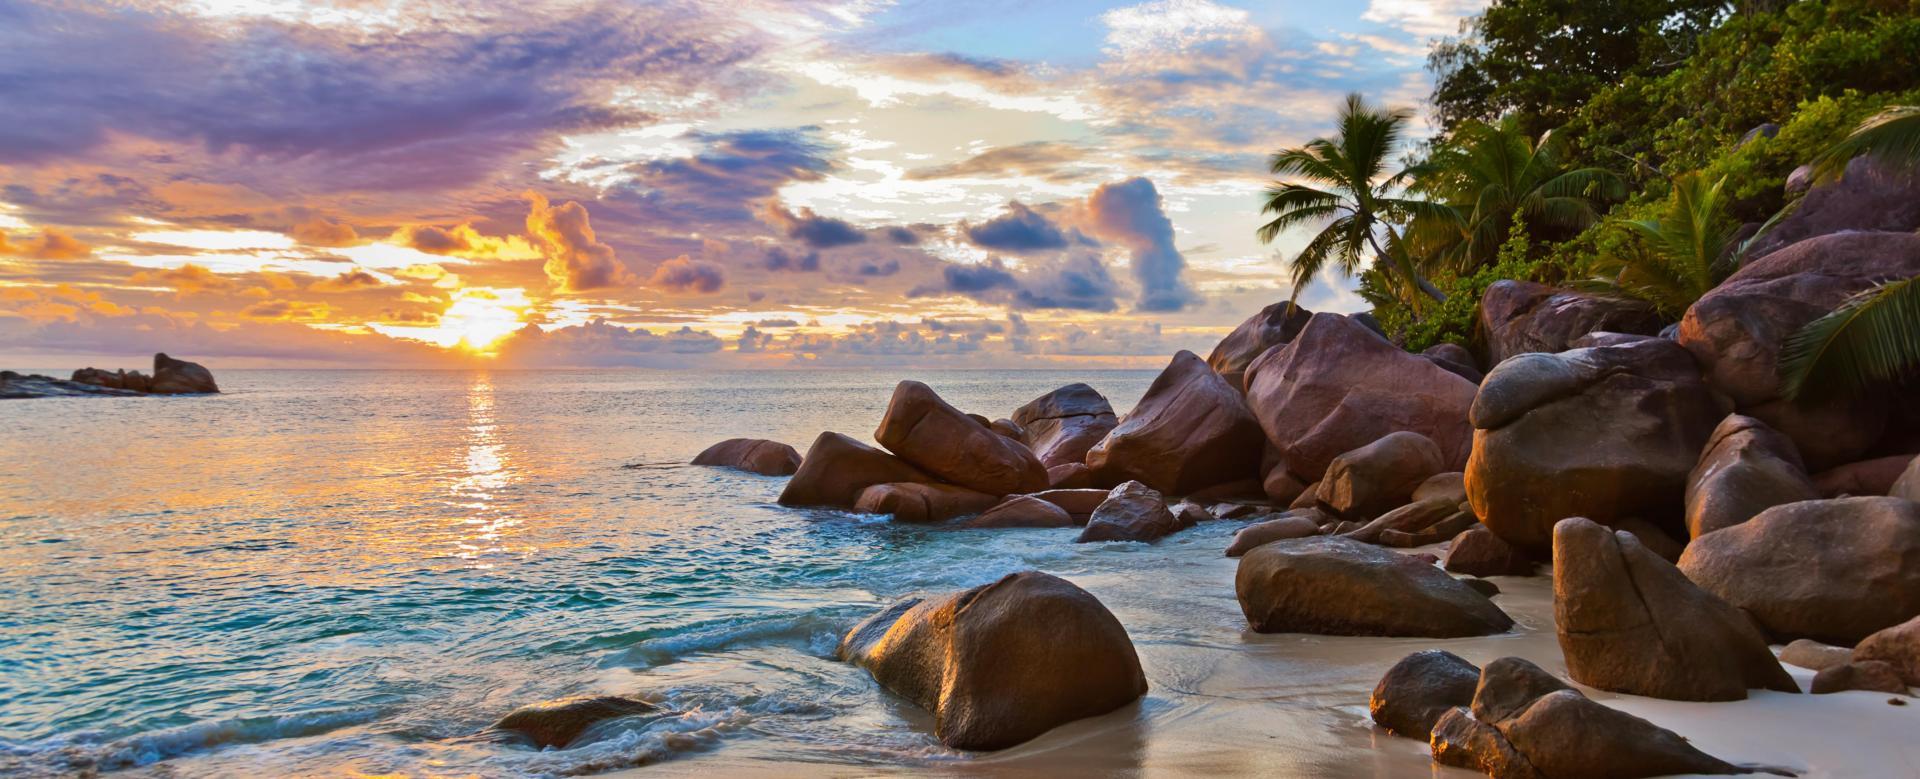 Voyage à pied Seychelles : Le jardin d'éden